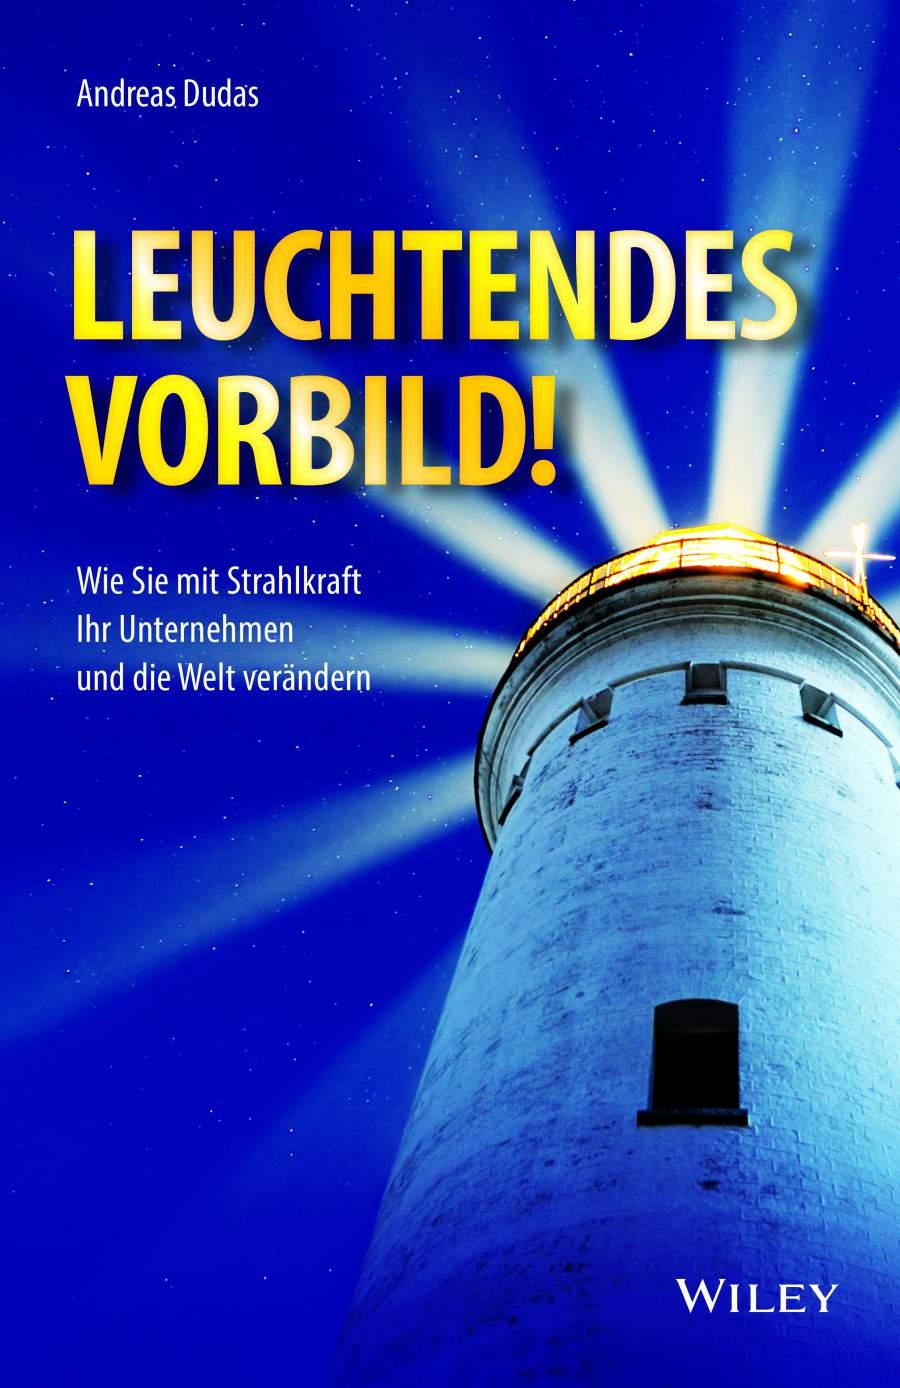 Andreas Dudas, Wiley Verlag, Leuchtendes Vorbild, Buch